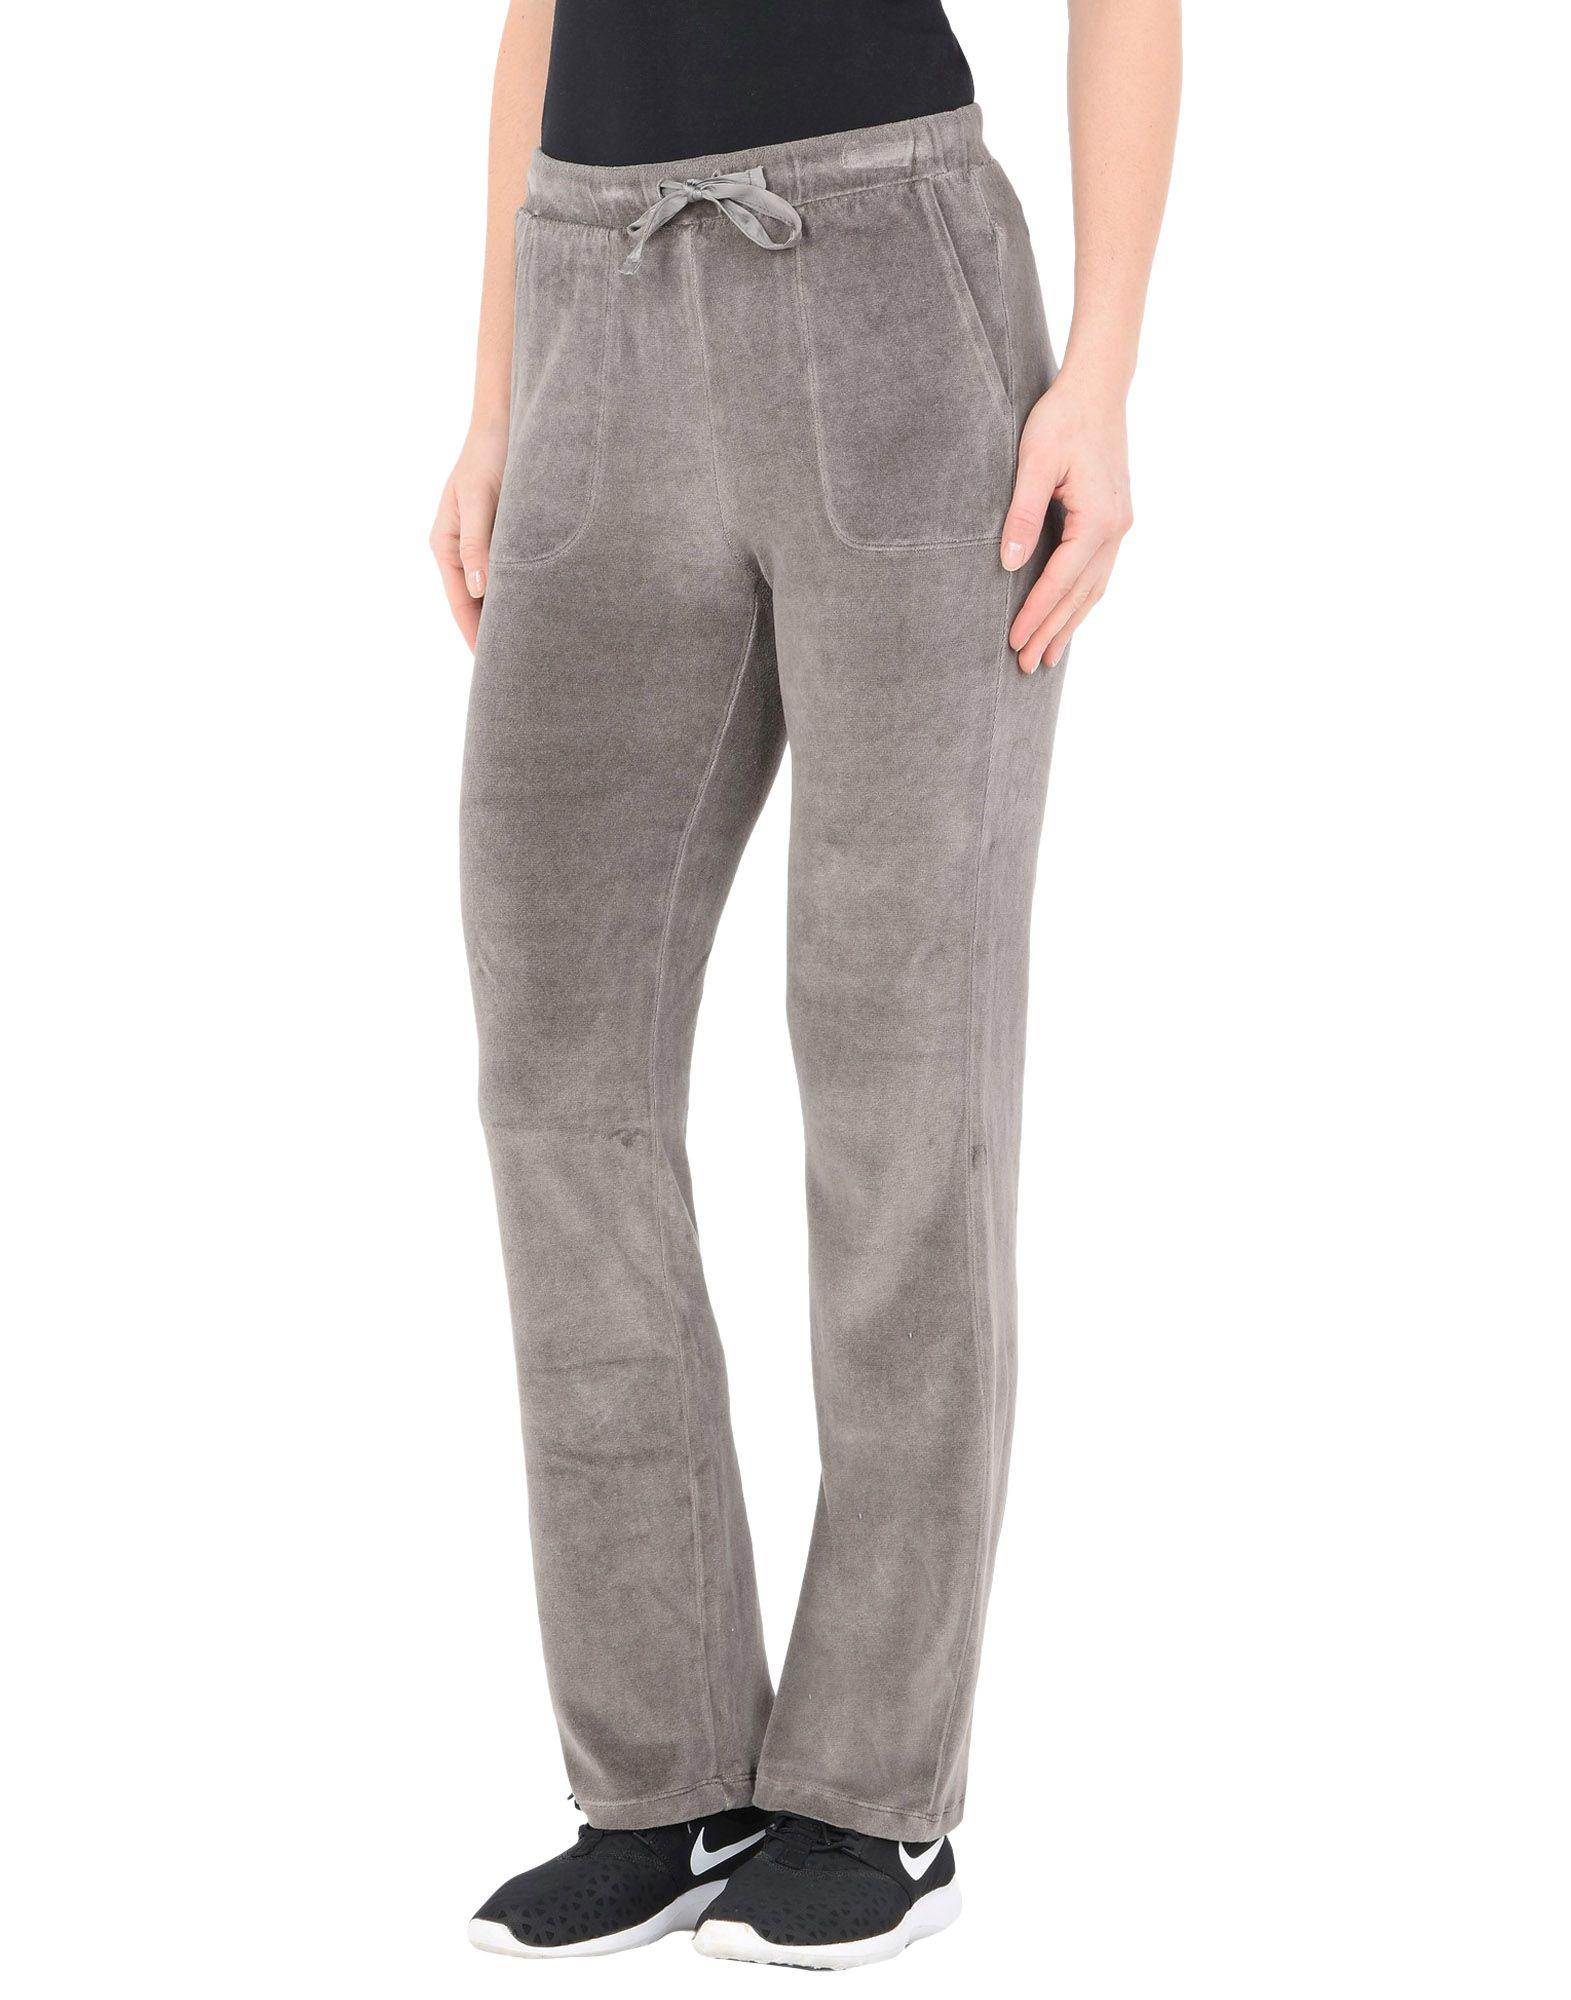 《送料無料》DEHA レディース パンツ グレー XS レーヨン 40% / コットン 40% / ナイロン 20% VELOUR STRAIGHT PANTS